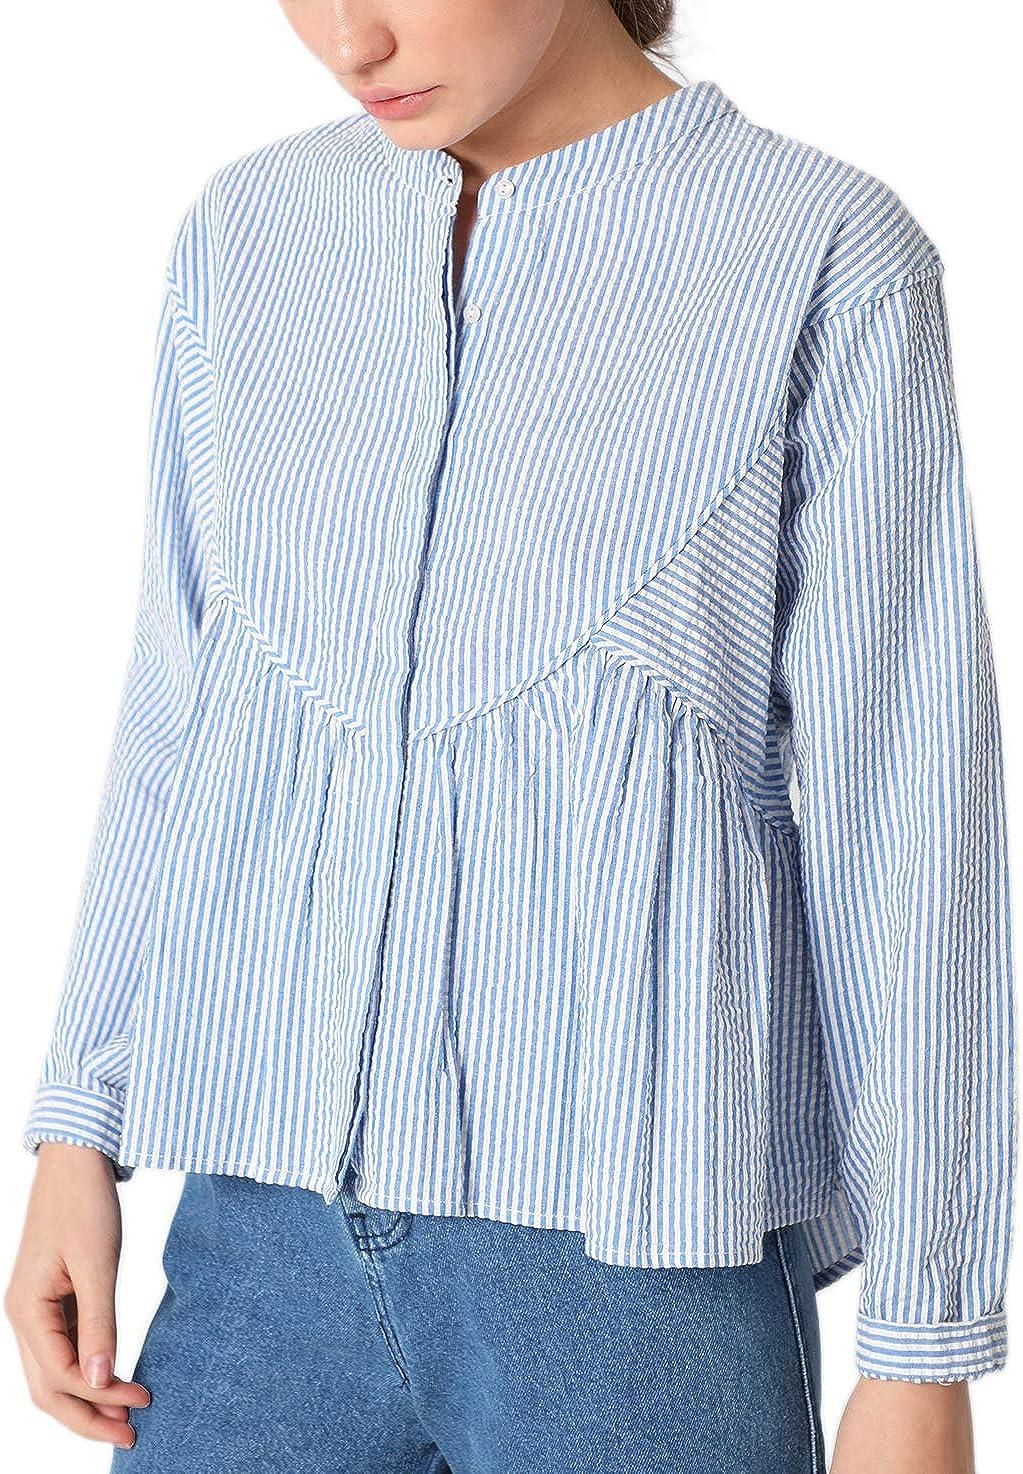 Scalpers Camisa MIL Rayas - Camisa para Mujer, Talla M, Color Indigo: Amazon.es: Ropa y accesorios